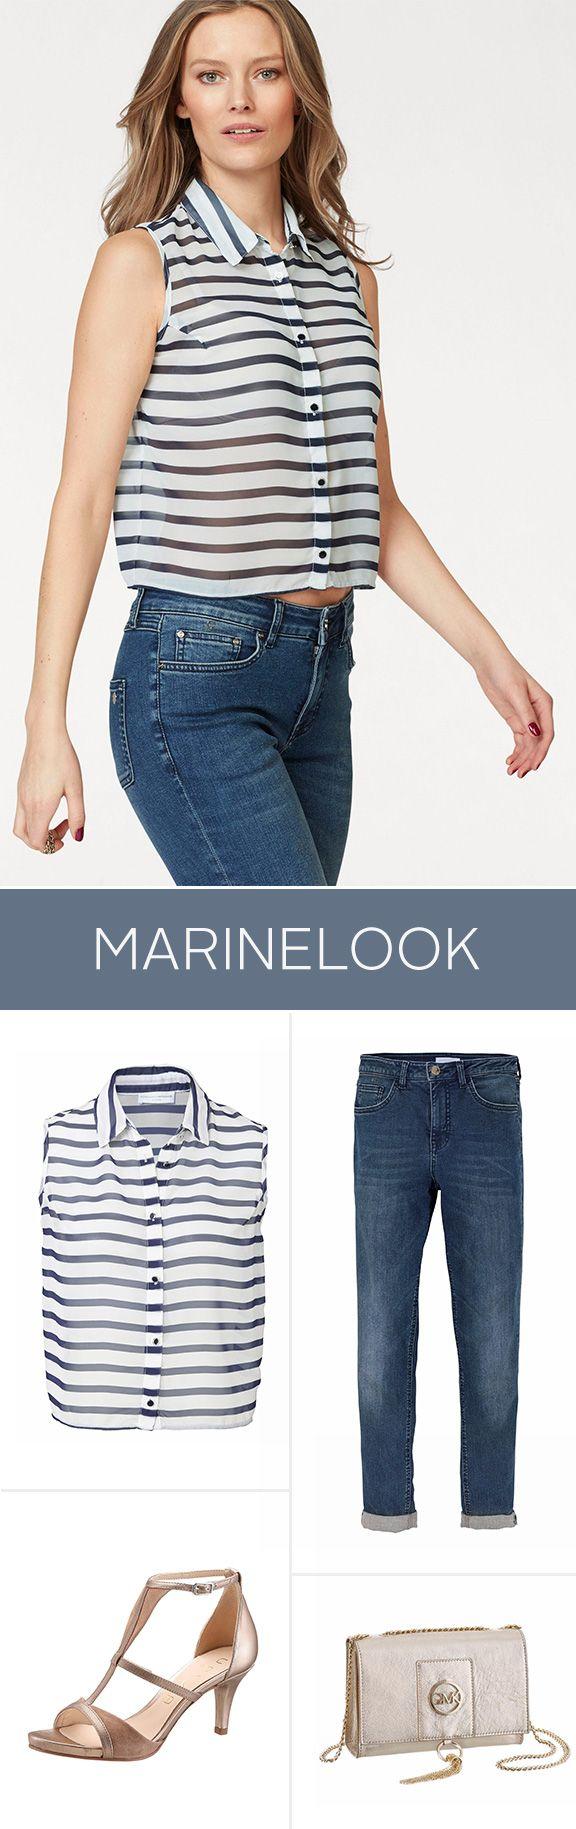 Ein trendiges Everyday-Outfit – made by Guido Maria Kretschmer! Der angesagte Marine-Look des Blusentops passt perfekt zur klassischen Jeans und eleganten Riemchensandaletten mit Absatz. Perfekt gekleidet für alle Anlässe!